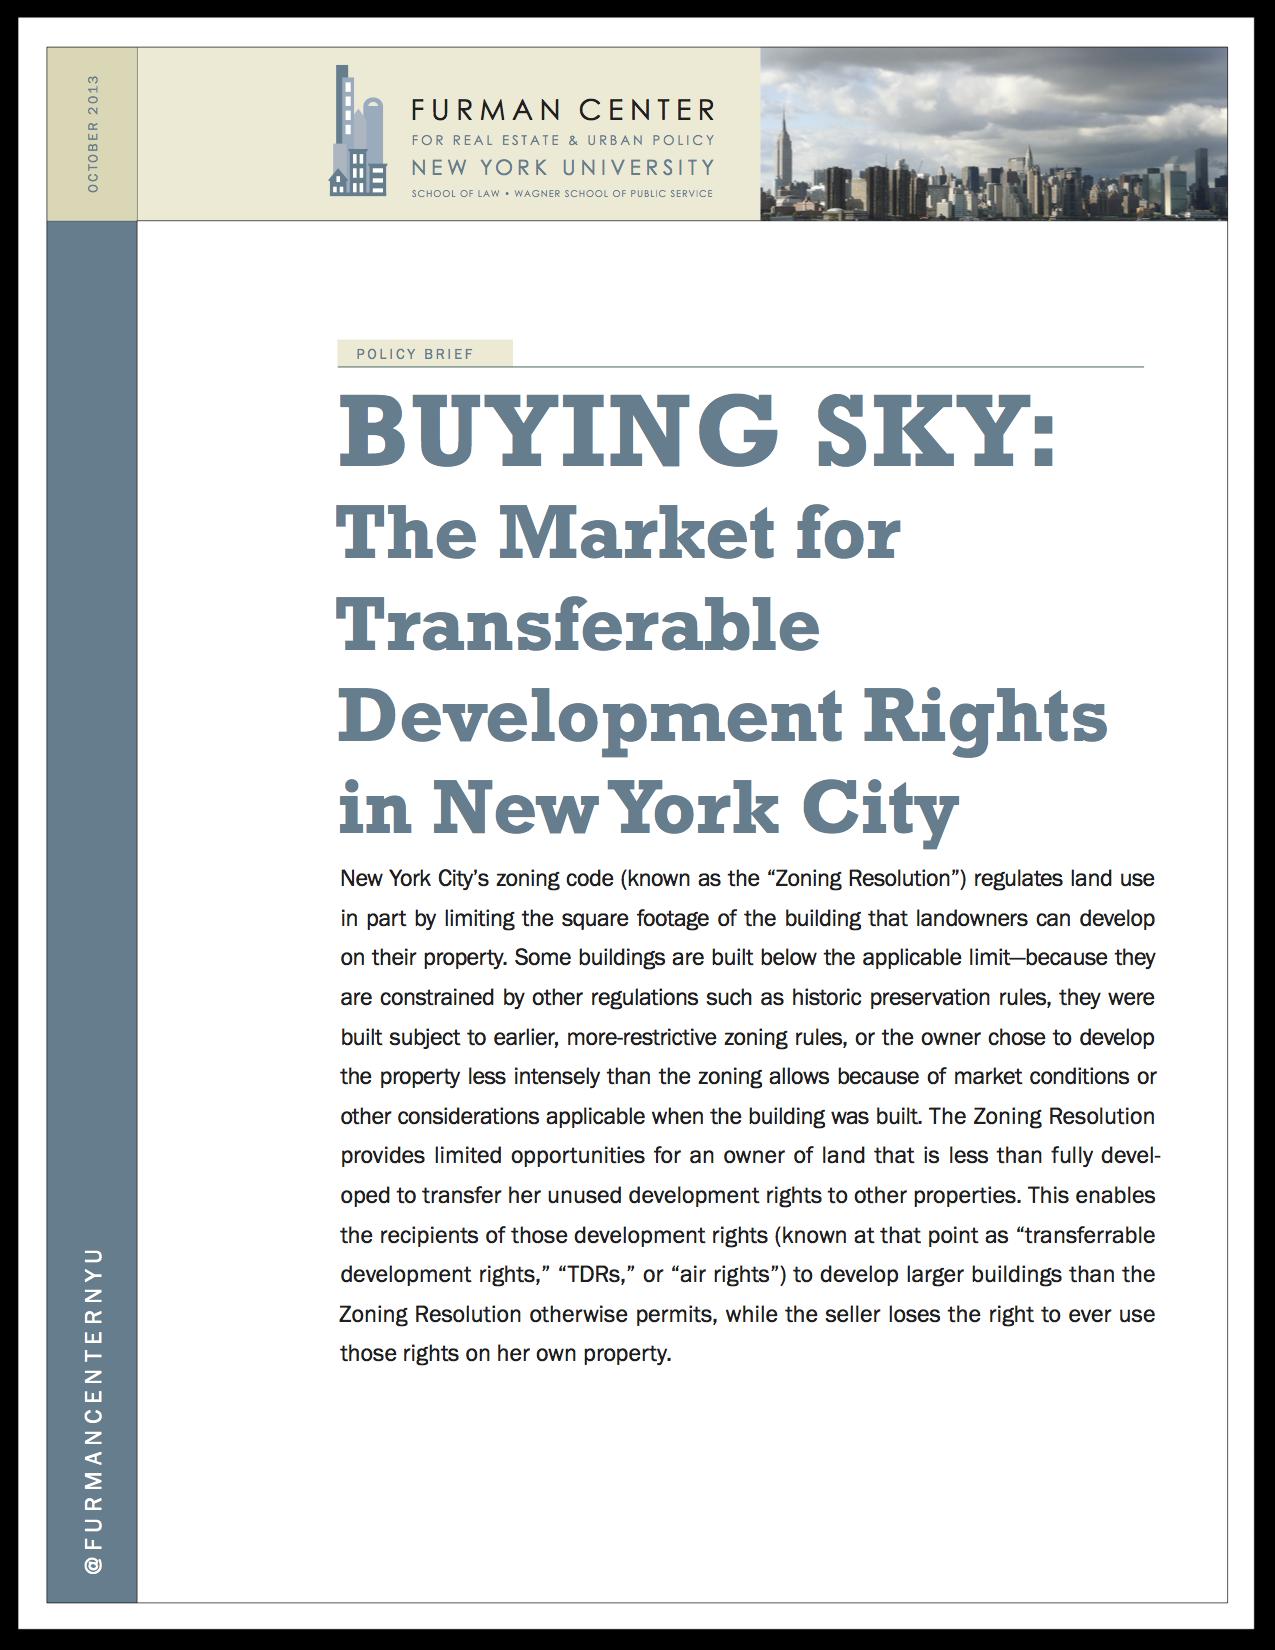 2013-NYU-Furman-Center-Buying-Sky.png